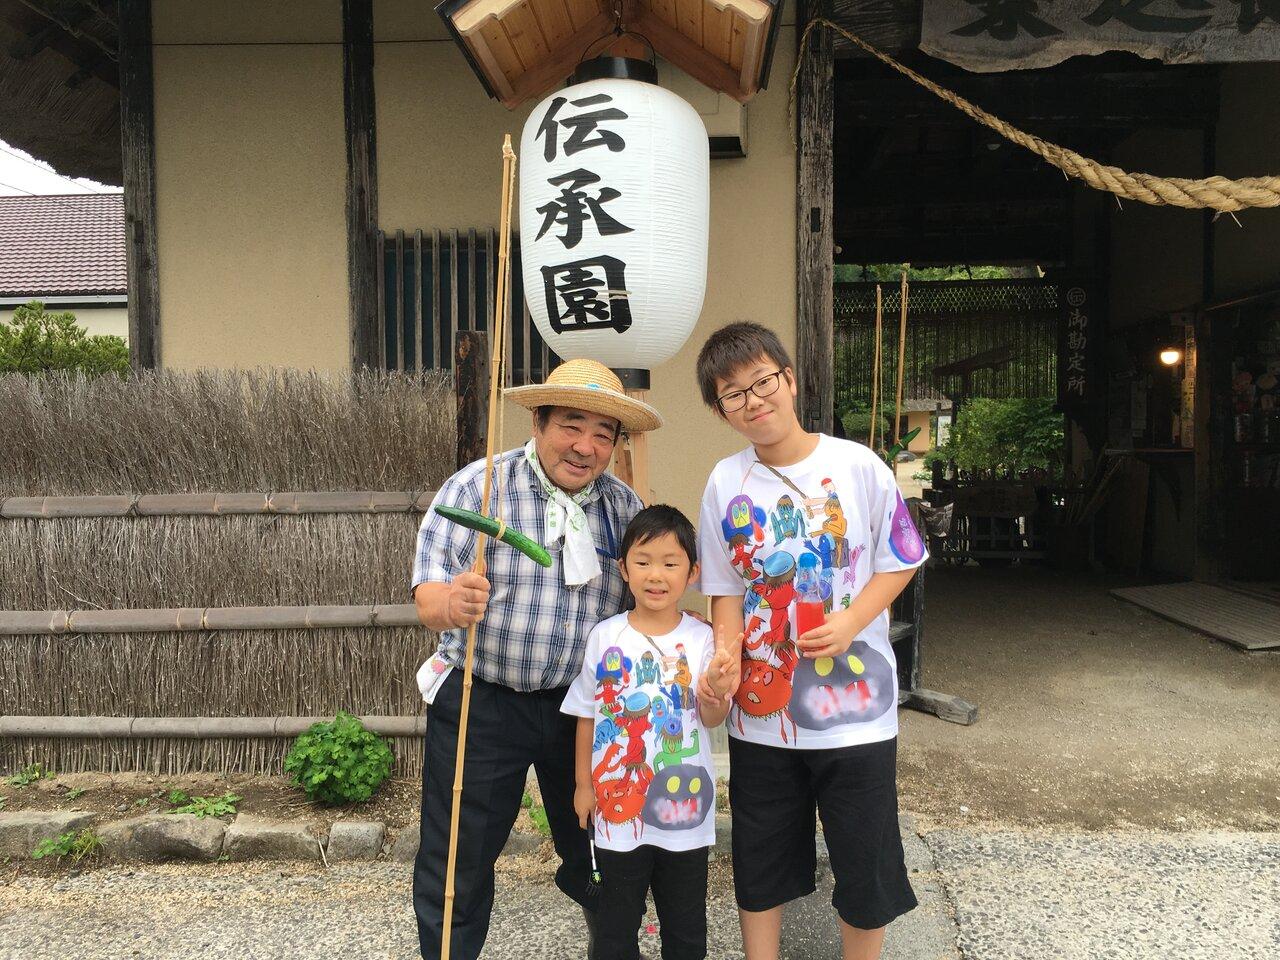 伝承園前で2代目カッパおじさんと記念撮影。パシャ!